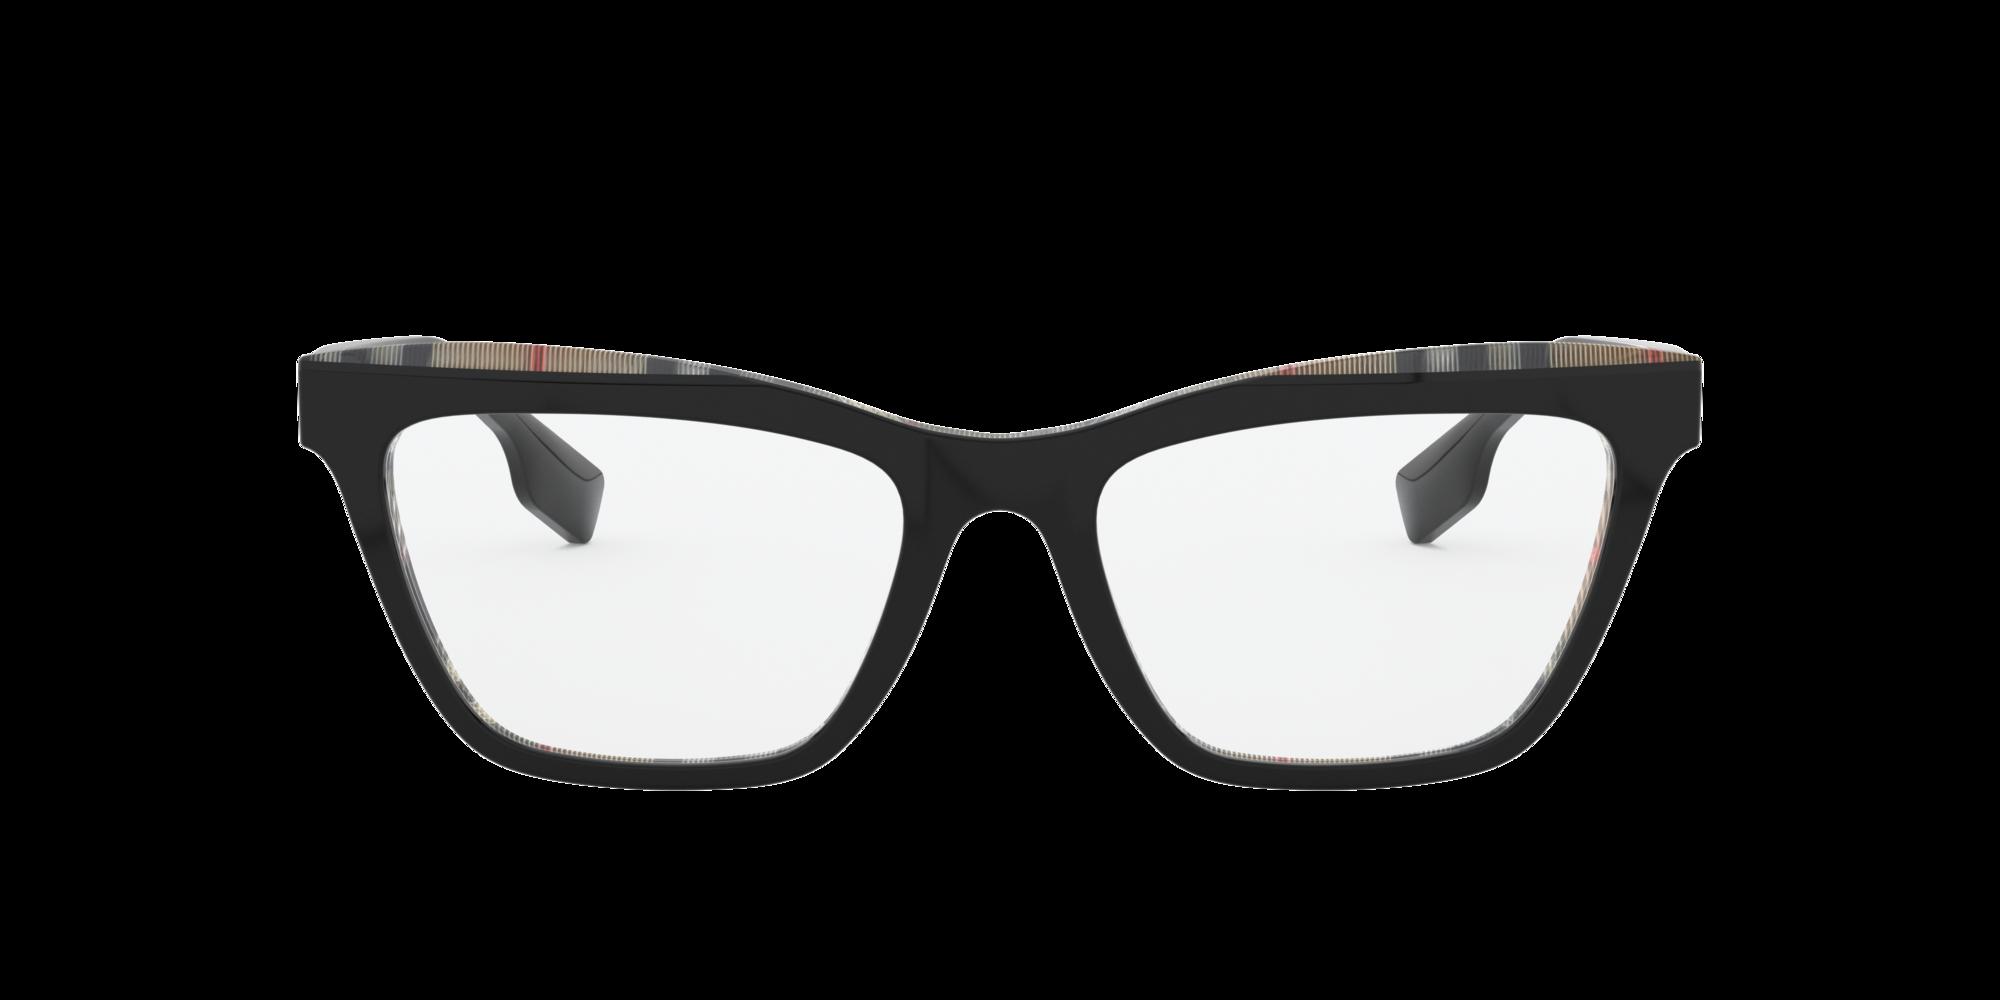 Imagen para BE2309 de LensCrafters |  Espejuelos, espejuelos graduados en línea, gafas